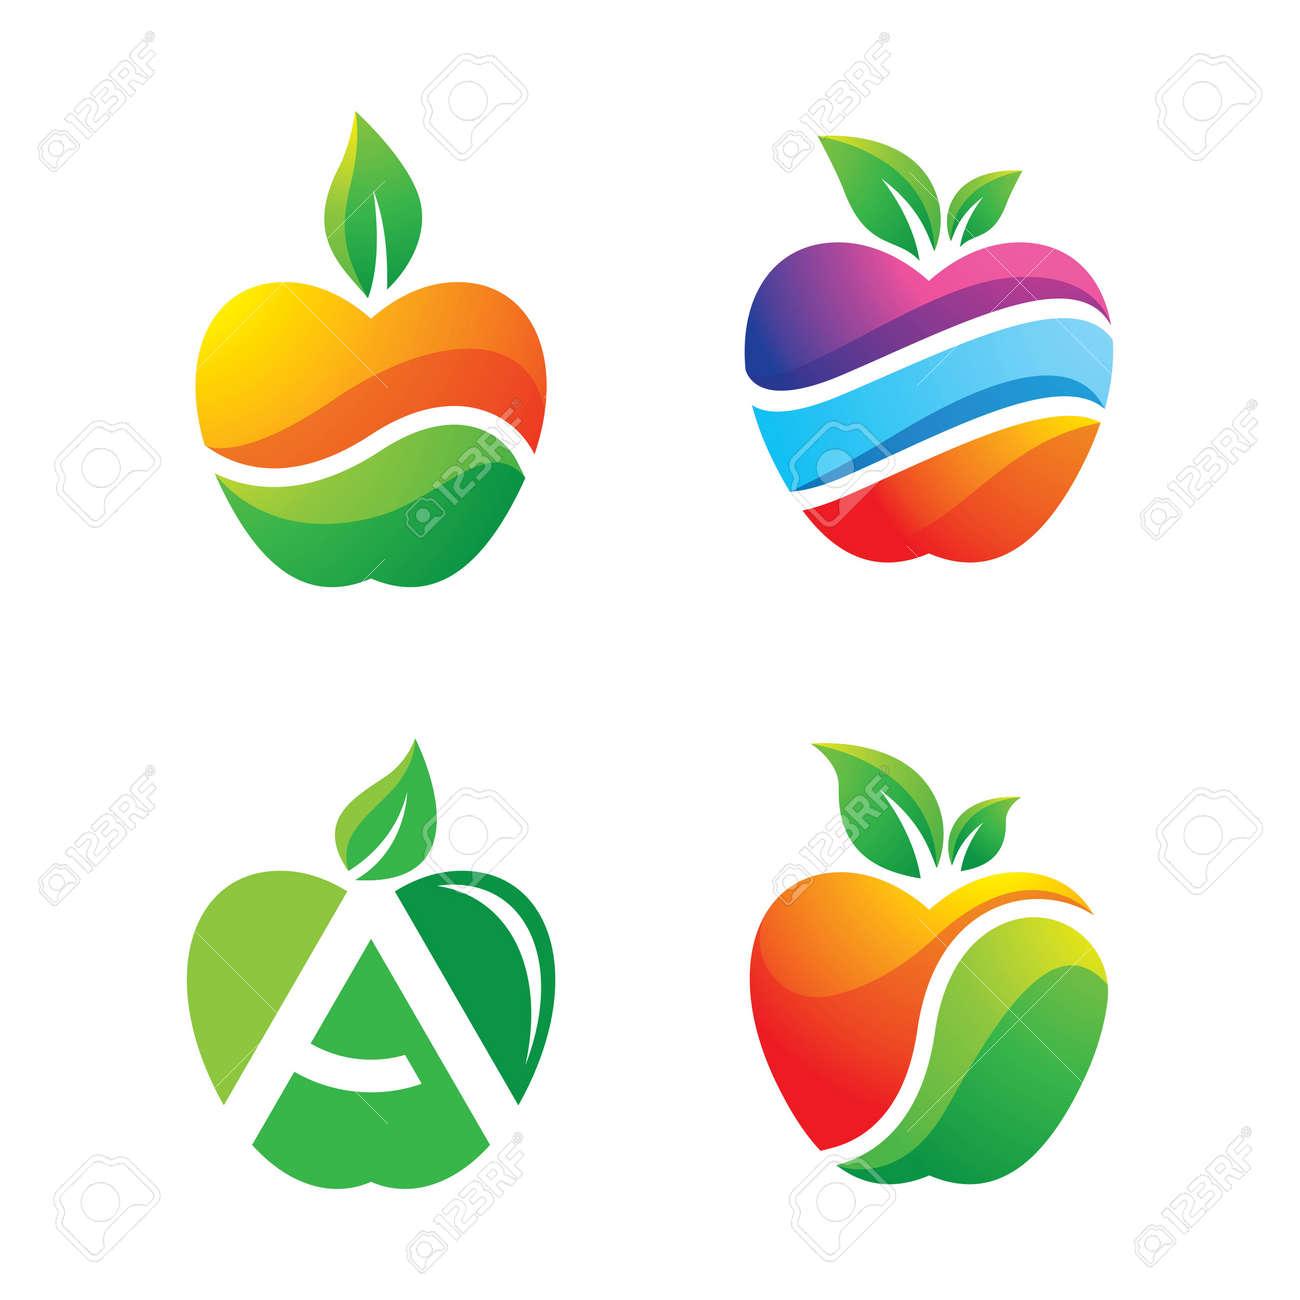 Apple logo images illustration design - 173410503